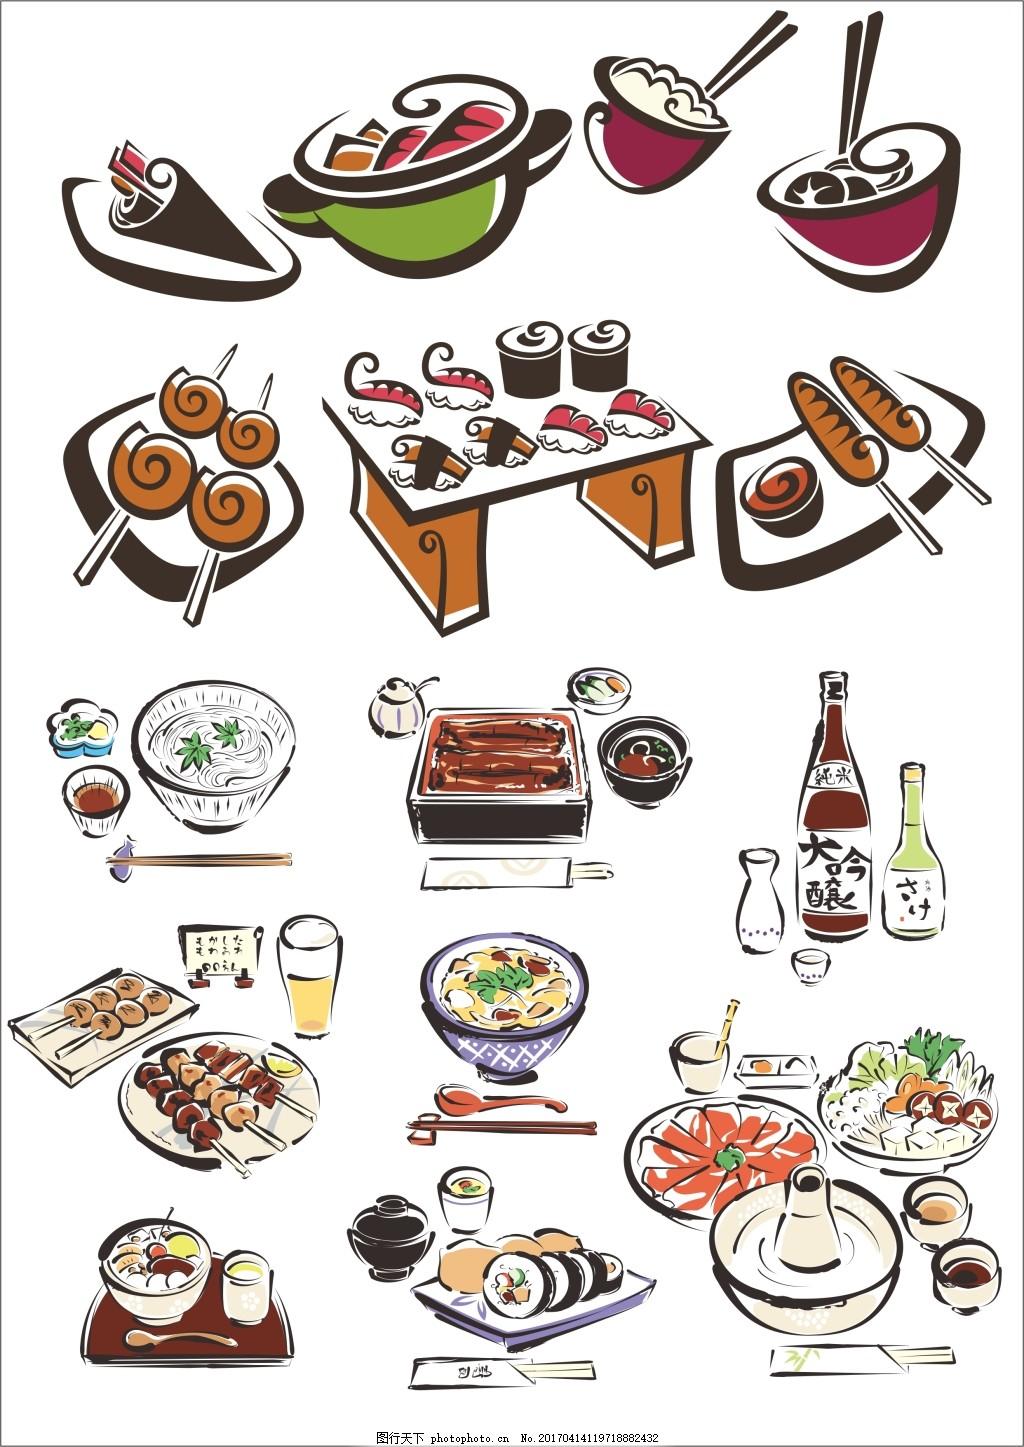 手绘食物 食物素材 手绘烧烤 手绘火锅 线条食物